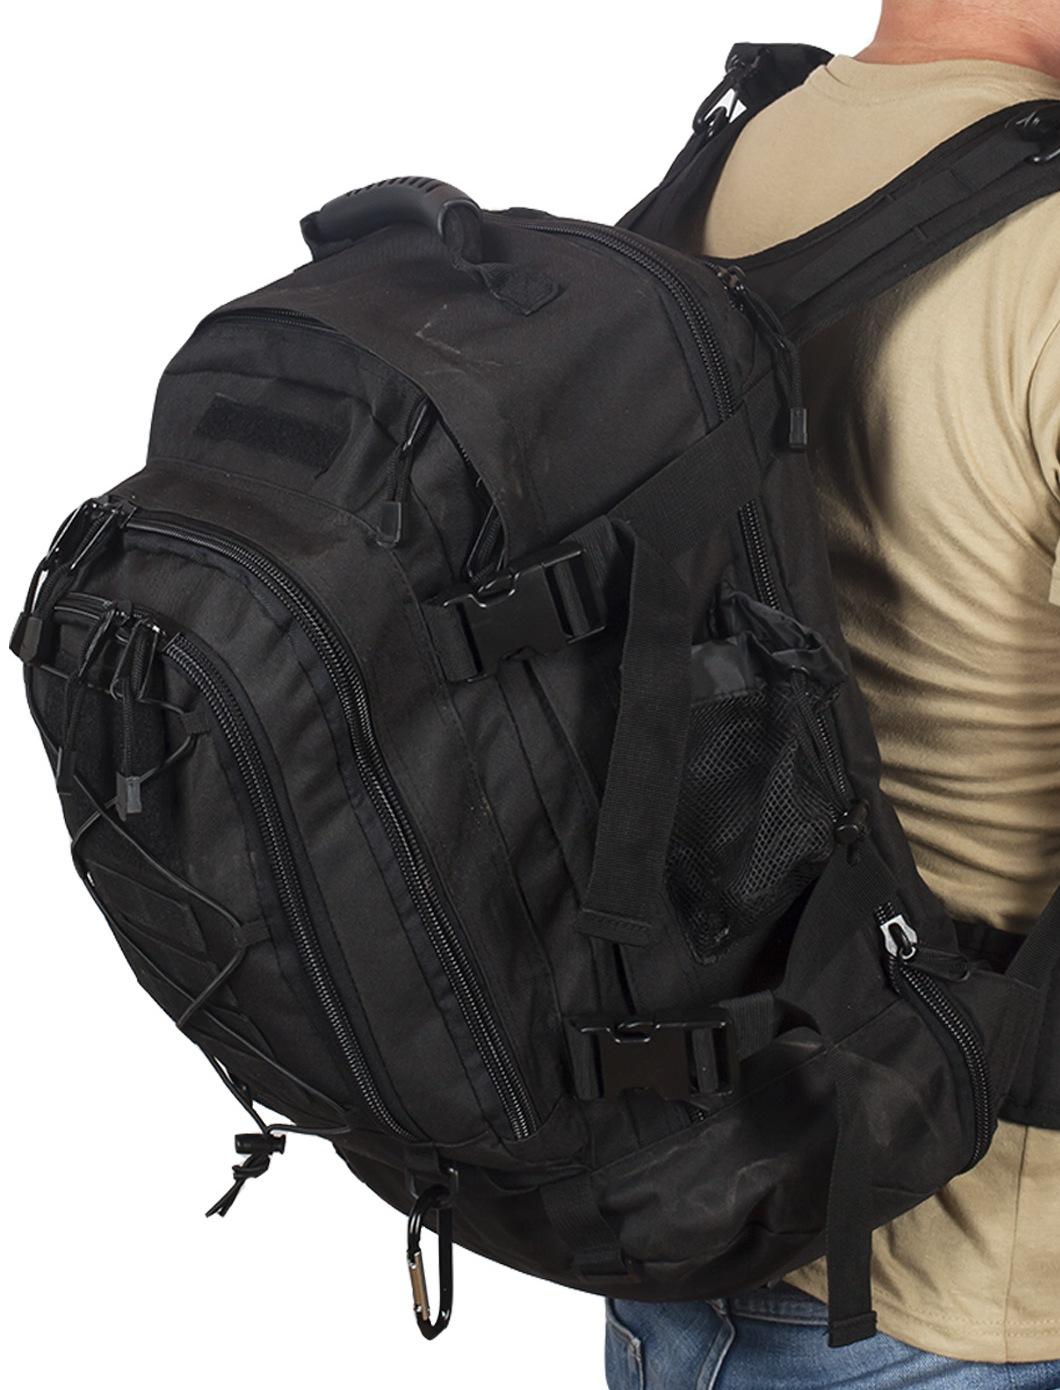 Черный тактический рюкзак с отделением для гидратора 3-Day Expandable Backpack Black